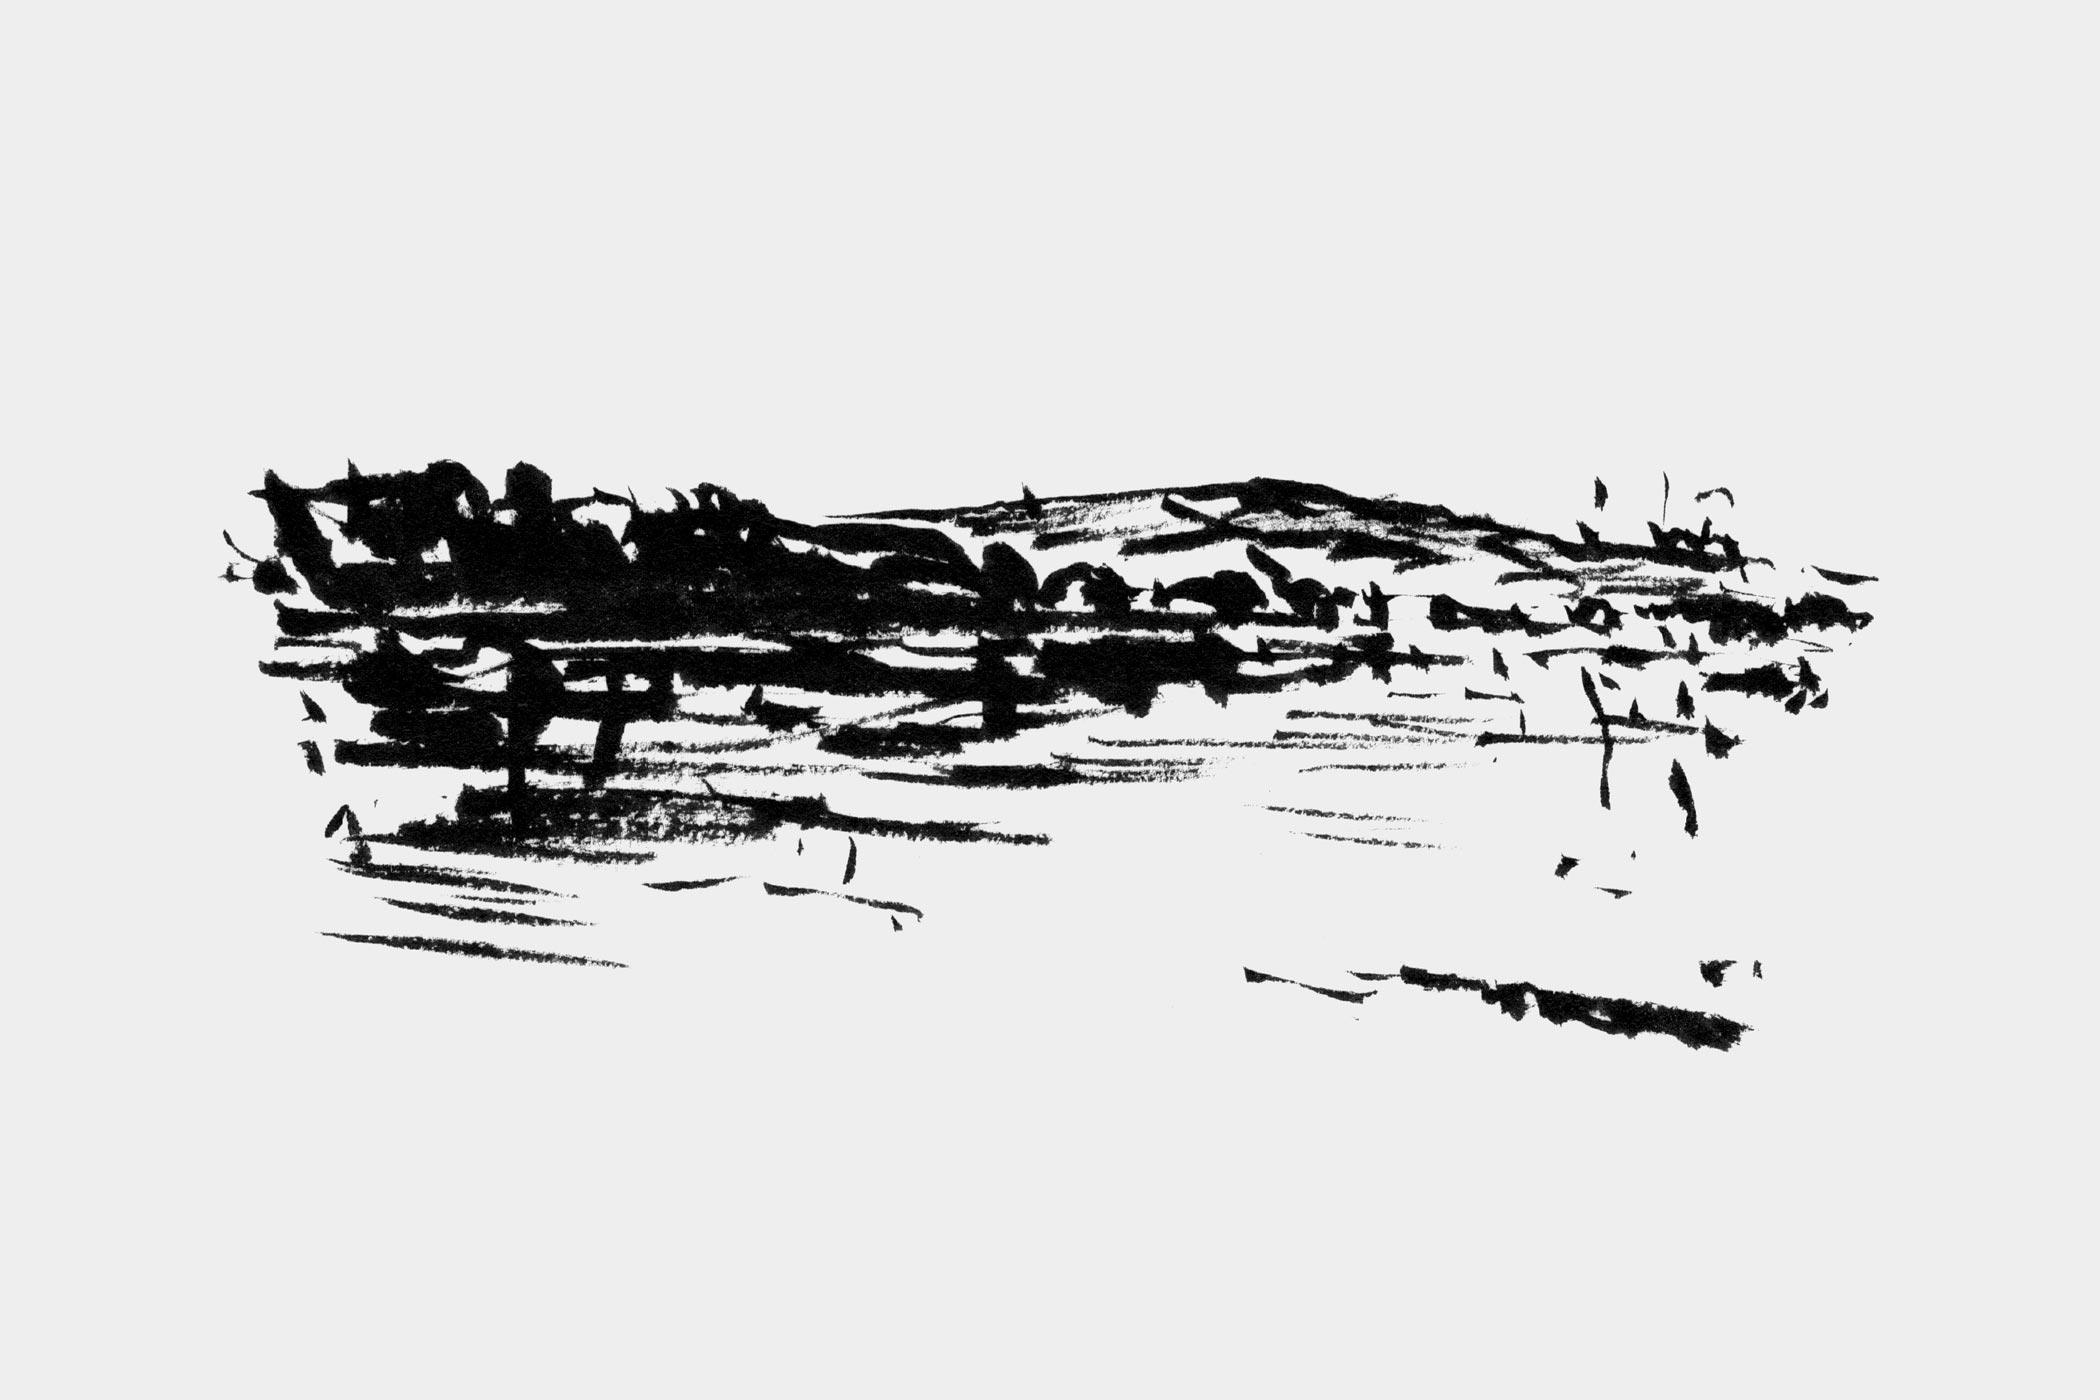 """Pinselzeichnung der Donau, gezeichnet von Christian Thanhäuser das Buch """"Die Donau hinab"""" von Christian Thanhäuser und Karl-Markus Gauß erschienen im Haymon Verlag"""